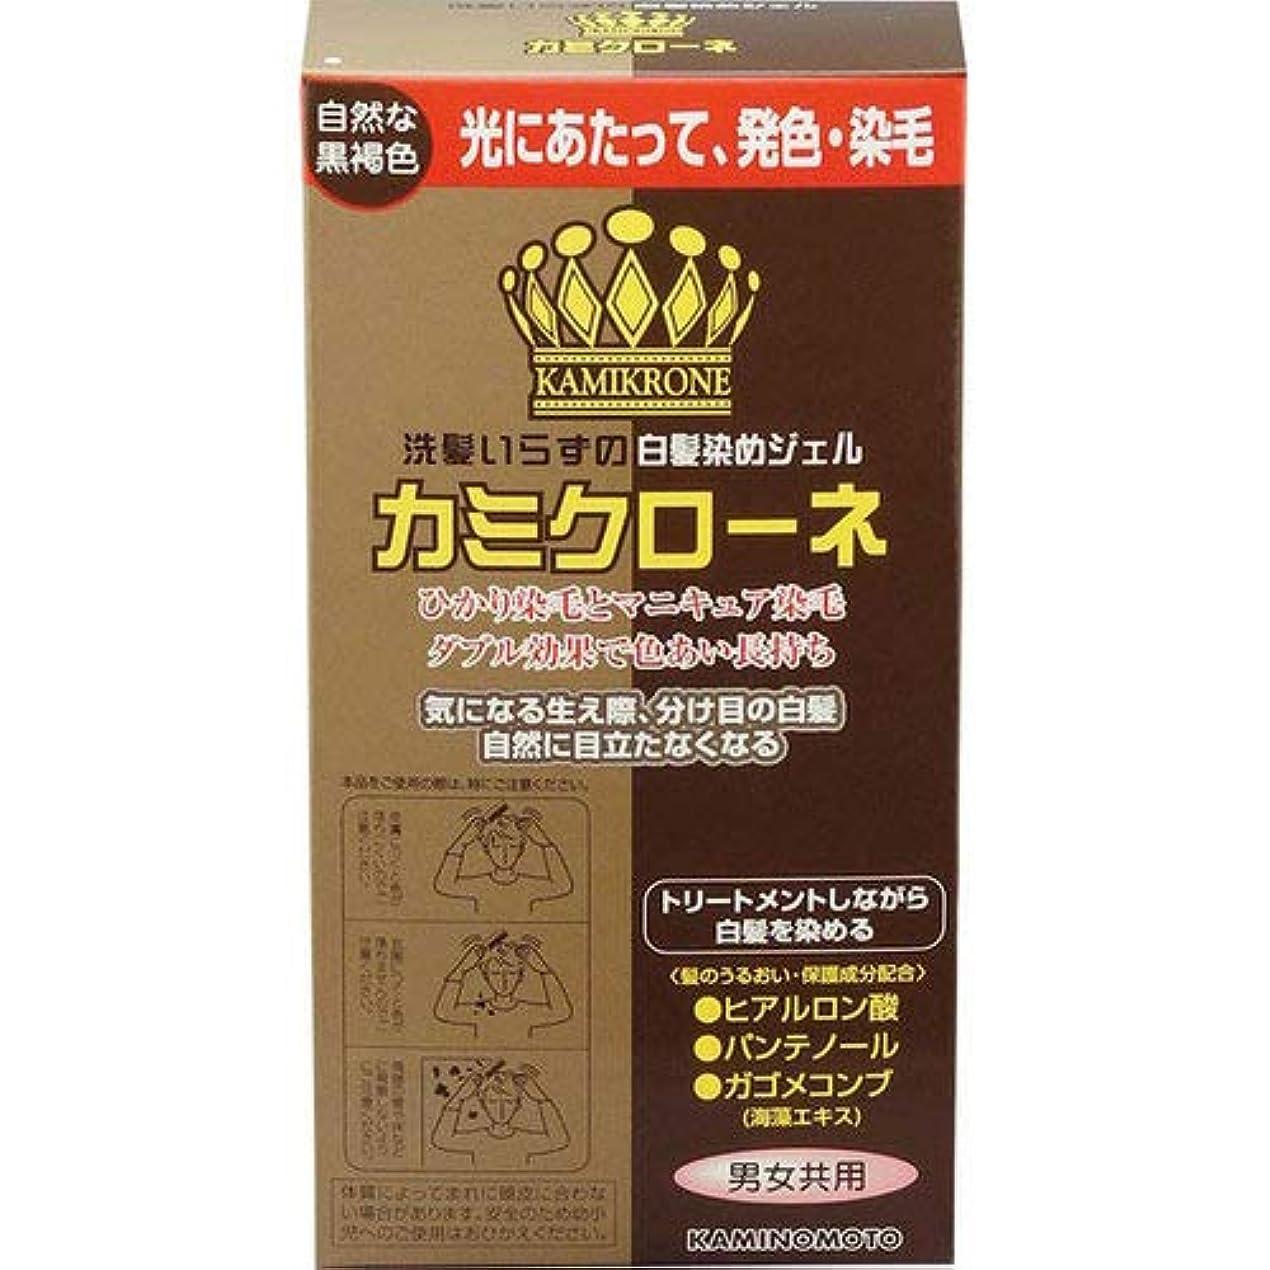 可能性神聖倍率カミクローネ(DB)自然な黒褐色